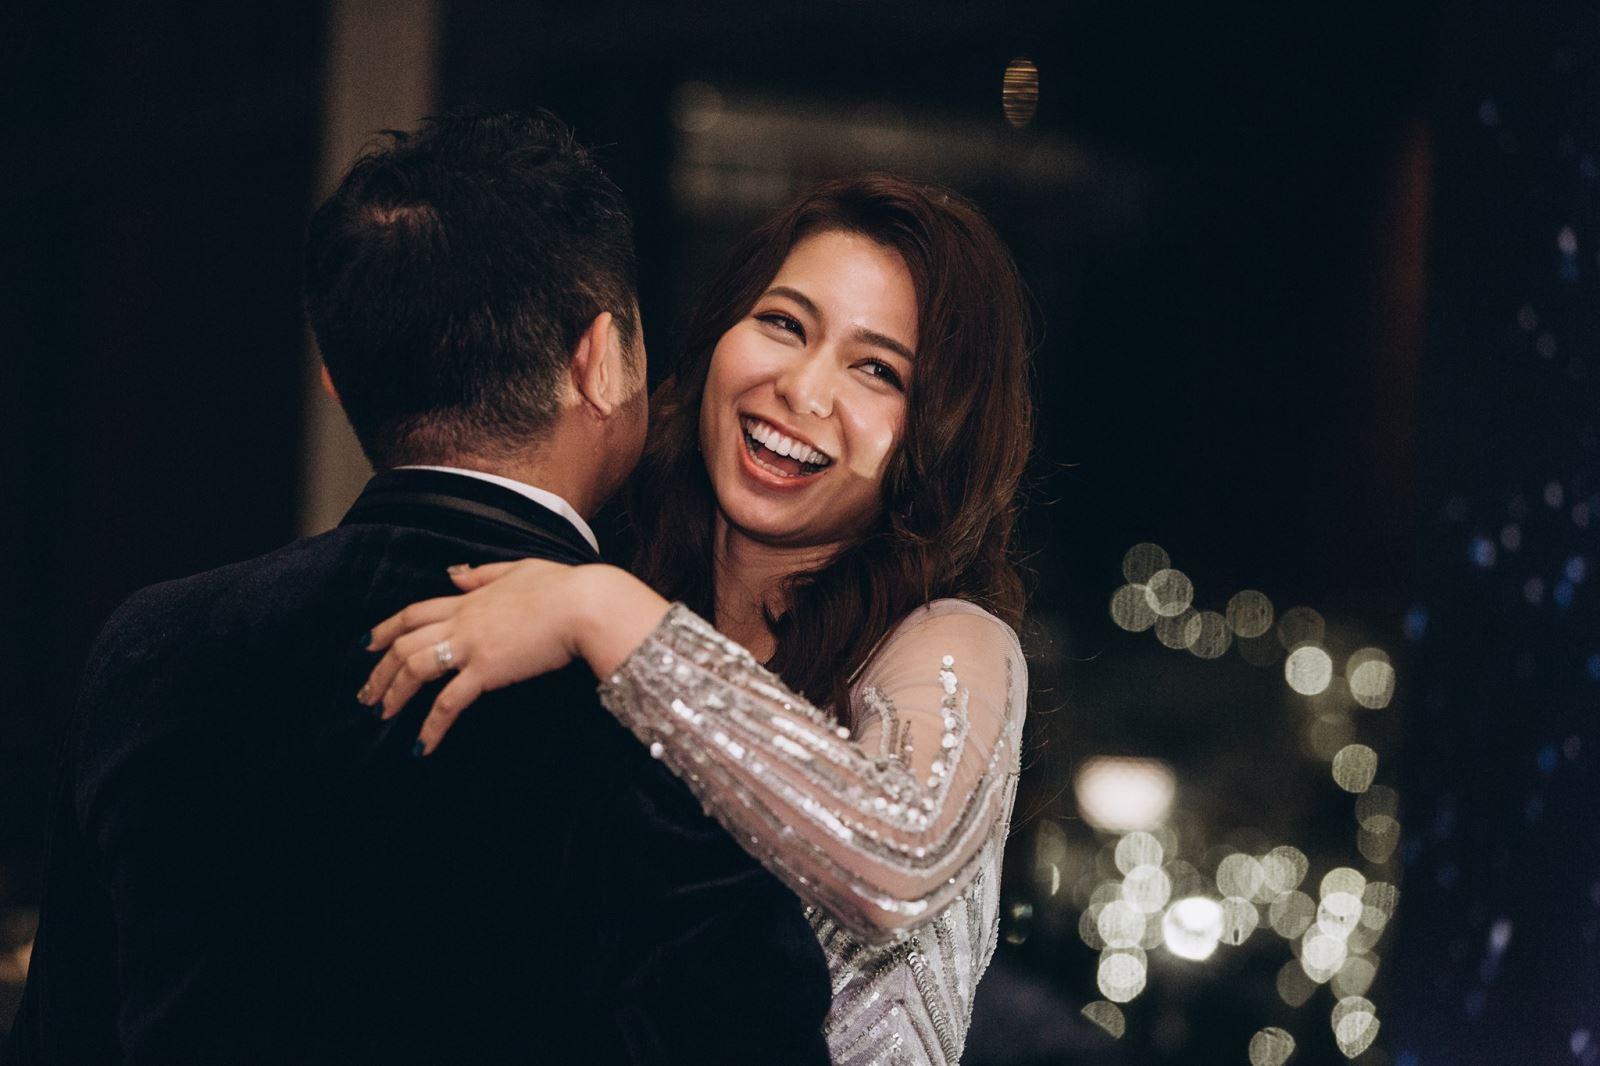 婚禮跳舞,可以浪漫可以歡樂,你選哪一個呢